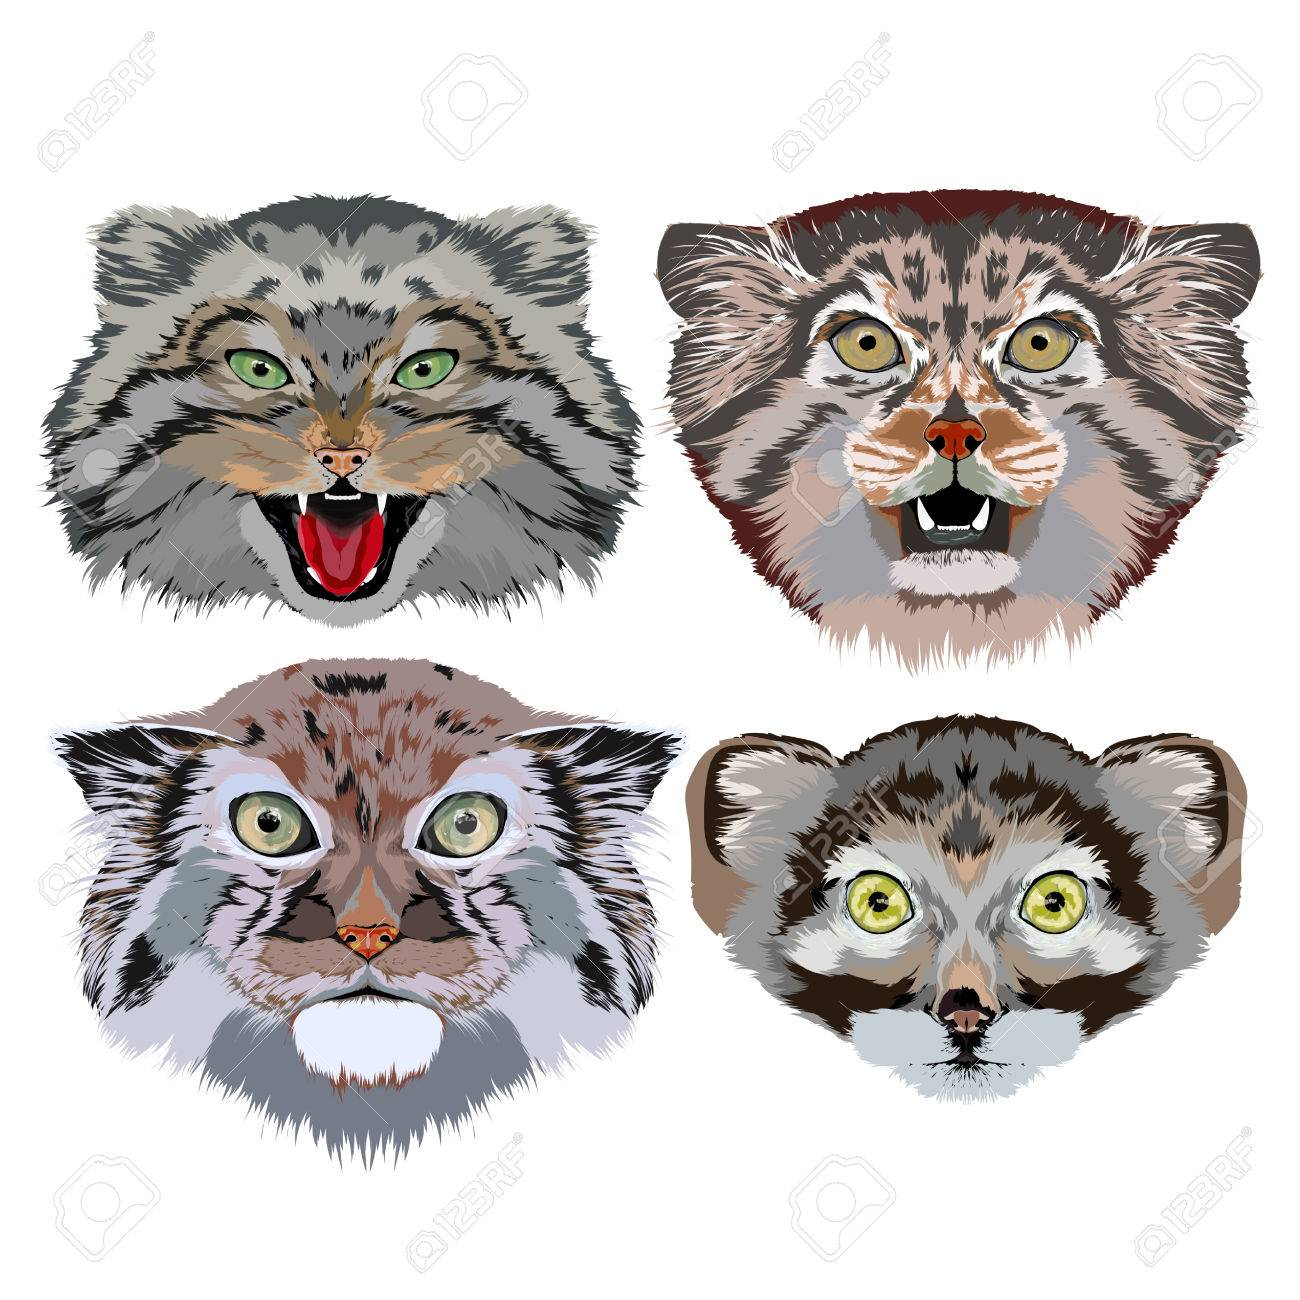 草原猫 マヌルネコグリーティング カードに使用する画像の肖像画が